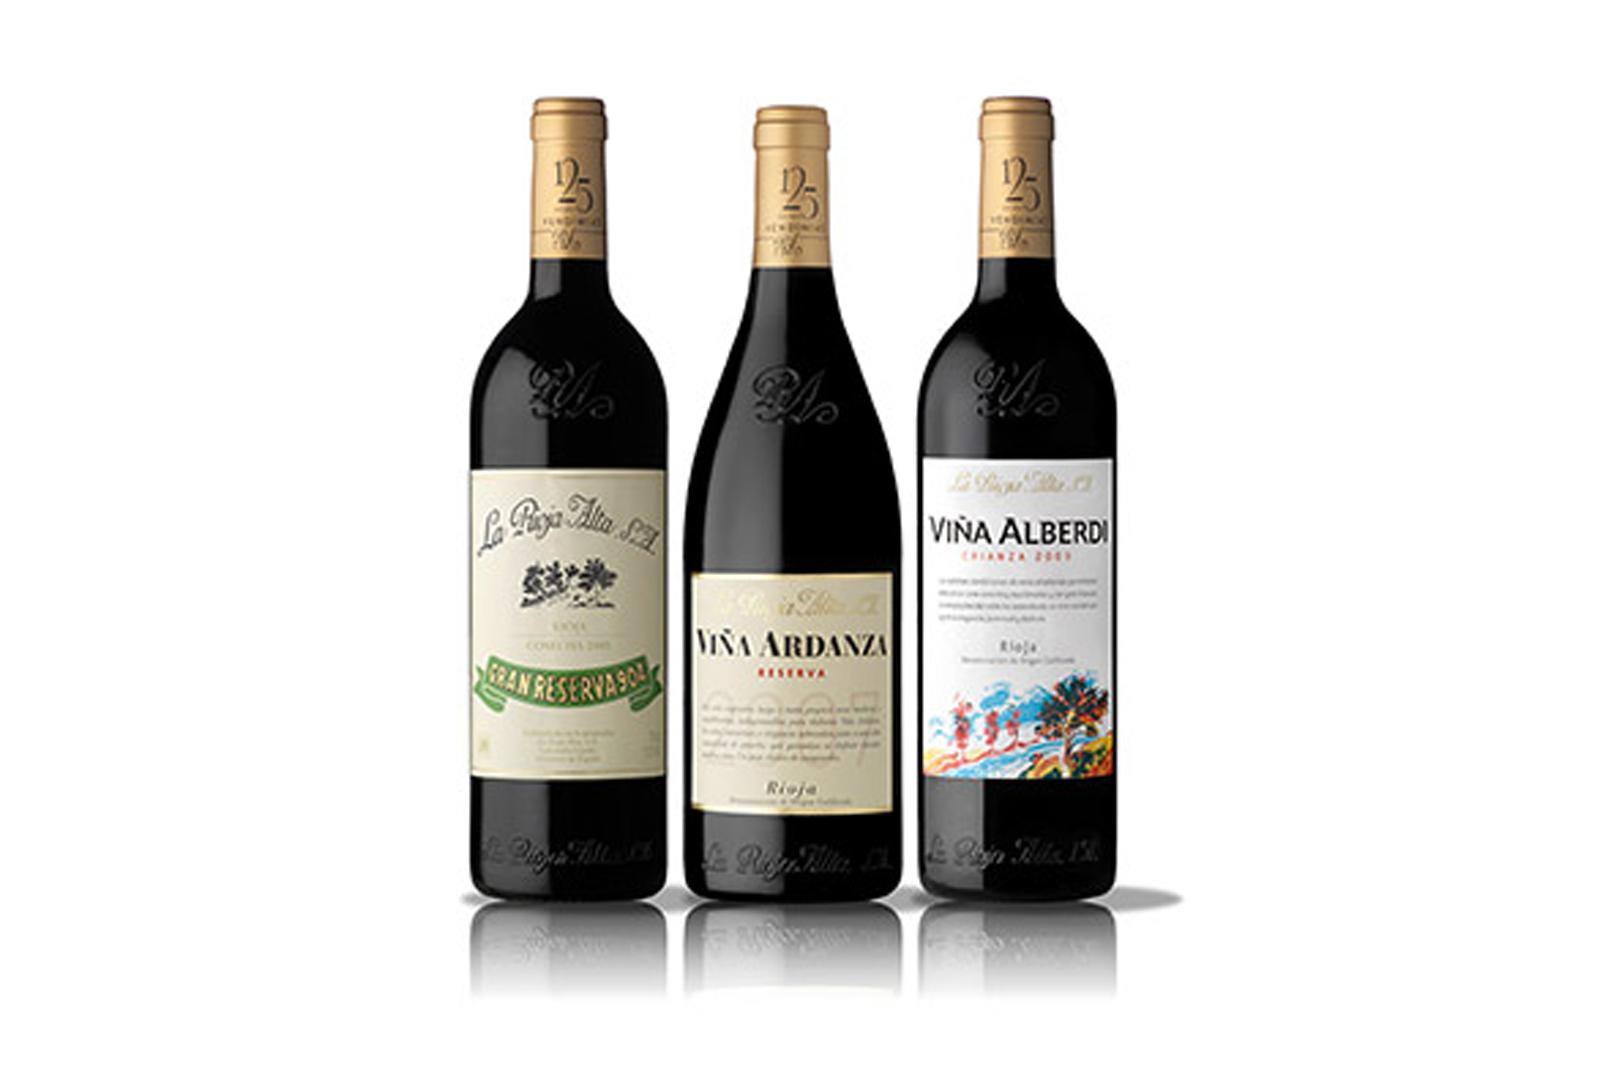 La Rioja Alta, única bodega española en el Top 10.